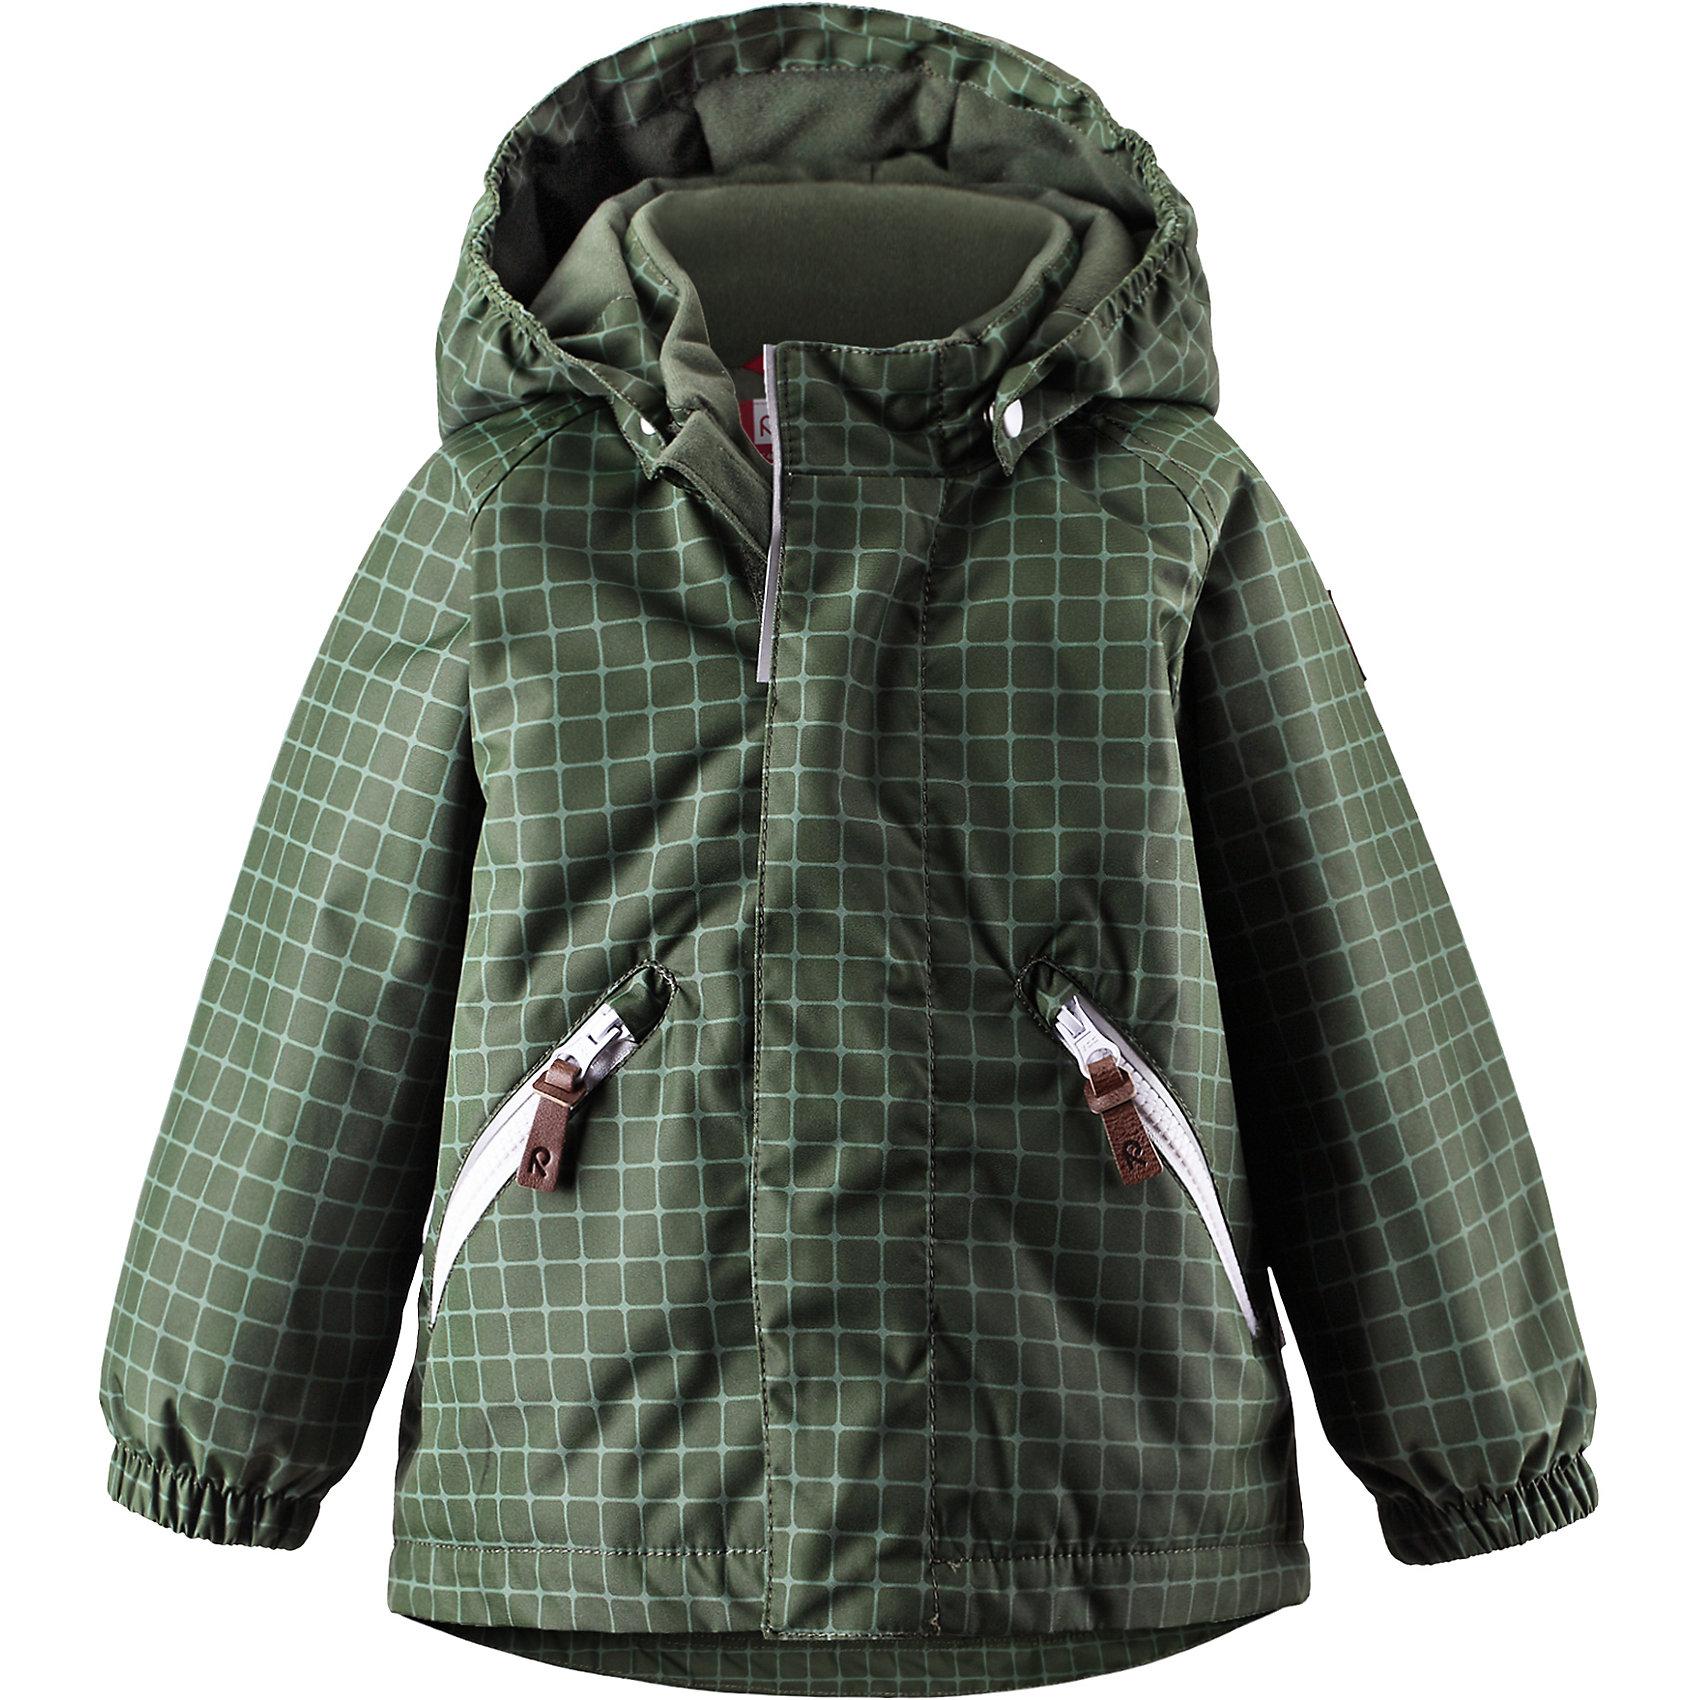 Куртка Nappaa для мальчика ReimaОдежда<br>Характеристики товара:<br><br>• цвет: зеленый<br>• состав: 100% полиэстер, полиуретановое покрытие<br>• температурный режим: 0° до -20° градусов<br>• утеплитель: 160 г<br>• планка от ветра<br>• основные швы проклеены<br>• съёмный капюшон<br>• молния<br>• светоотражающие детали<br>• «дышащий» материал<br>• ветро- водо- и грязеотталкивающий материал<br>• карманы<br>• комфортная посадка<br>• страна производства: Китай<br>• страна бренда: Финляндия<br><br>Верхняя одежда для детей может быть модной и комфортной одновременно! Эти зимняя куртка поможет обеспечить ребенку комфорт и тепло. Она отлично смотрится с различной одеждой и обувью. Изделие удобно сидит и модно выглядит. Стильный дизайн разрабатывался специально для детей. Отличный вариант для активного отдыха зимой!<br><br>Одежда и обувь от финского бренда Reima пользуется популярностью во многих странах. Эти изделия стильные, качественные и удобные. Для производства продукции используются только безопасные, проверенные материалы и фурнитура. Порадуйте ребенка модными и красивыми вещами от Reima! <br><br>Куртку Nappaa для мальчика от финского бренда Reimatec® Reima (Рейма) можно купить в нашем интернет-магазине.<br><br>Ширина мм: 356<br>Глубина мм: 10<br>Высота мм: 245<br>Вес г: 519<br>Цвет: зеленый<br>Возраст от месяцев: 12<br>Возраст до месяцев: 15<br>Пол: Унисекс<br>Возраст: Детский<br>Размер: 80,98,74,86,92<br>SKU: 5415422